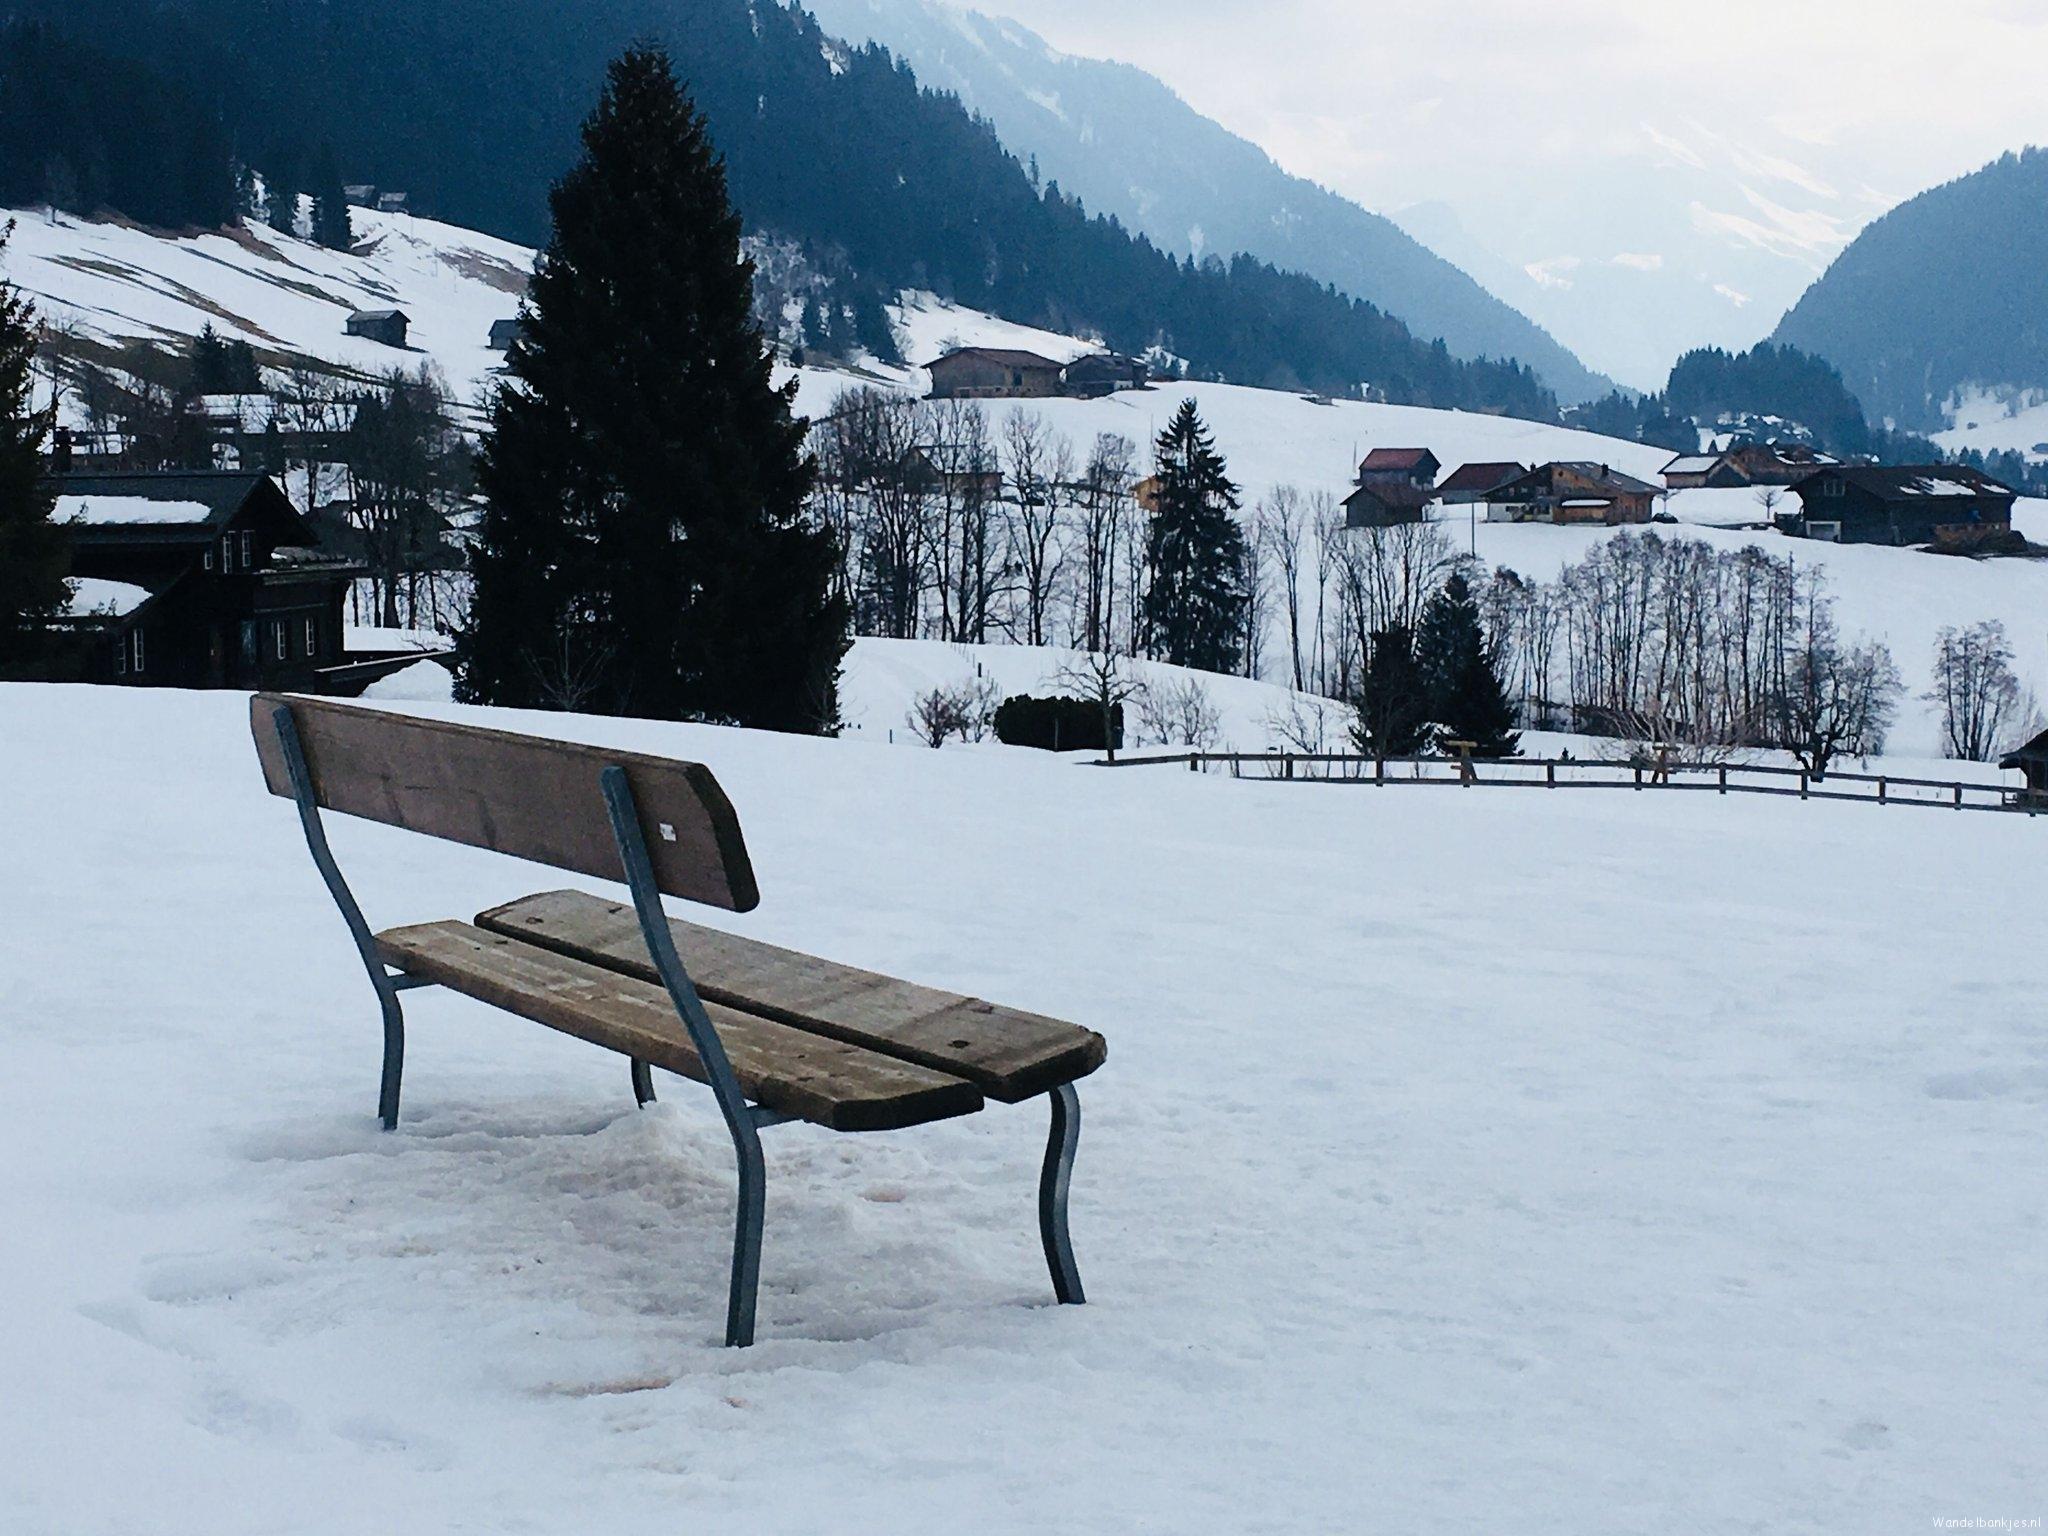 rt-huusgstaadhotel-walking-benches-8-kilometer-enjoy-walk-saanen-gstaad-schonried-https-t-co-yz22epjkmt